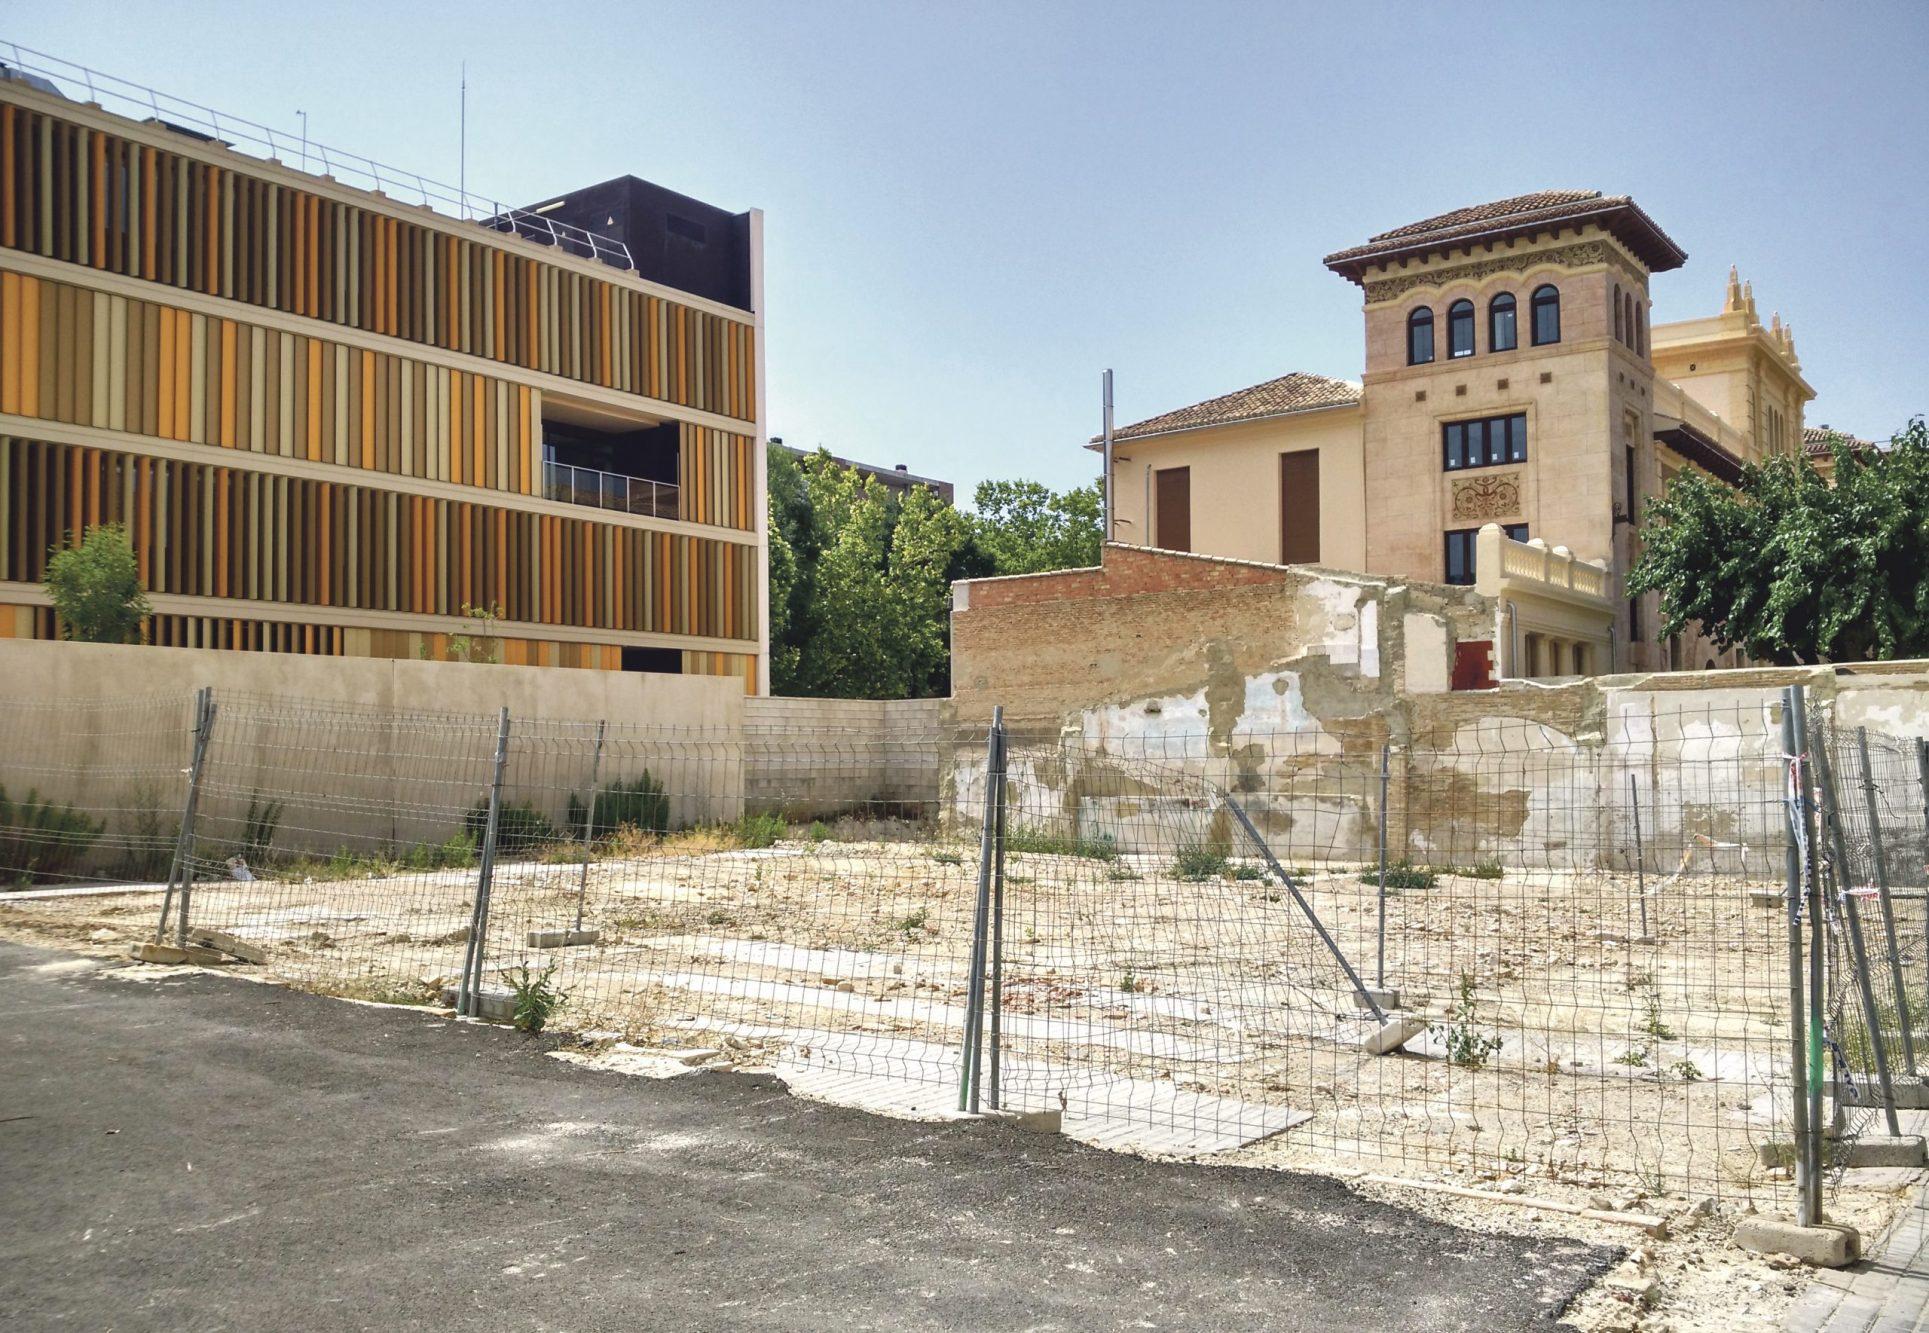 La nova zona verda de la Universitat estarà en octubre El Periòdic d'Ontinyent - Noticies a Ontinyent